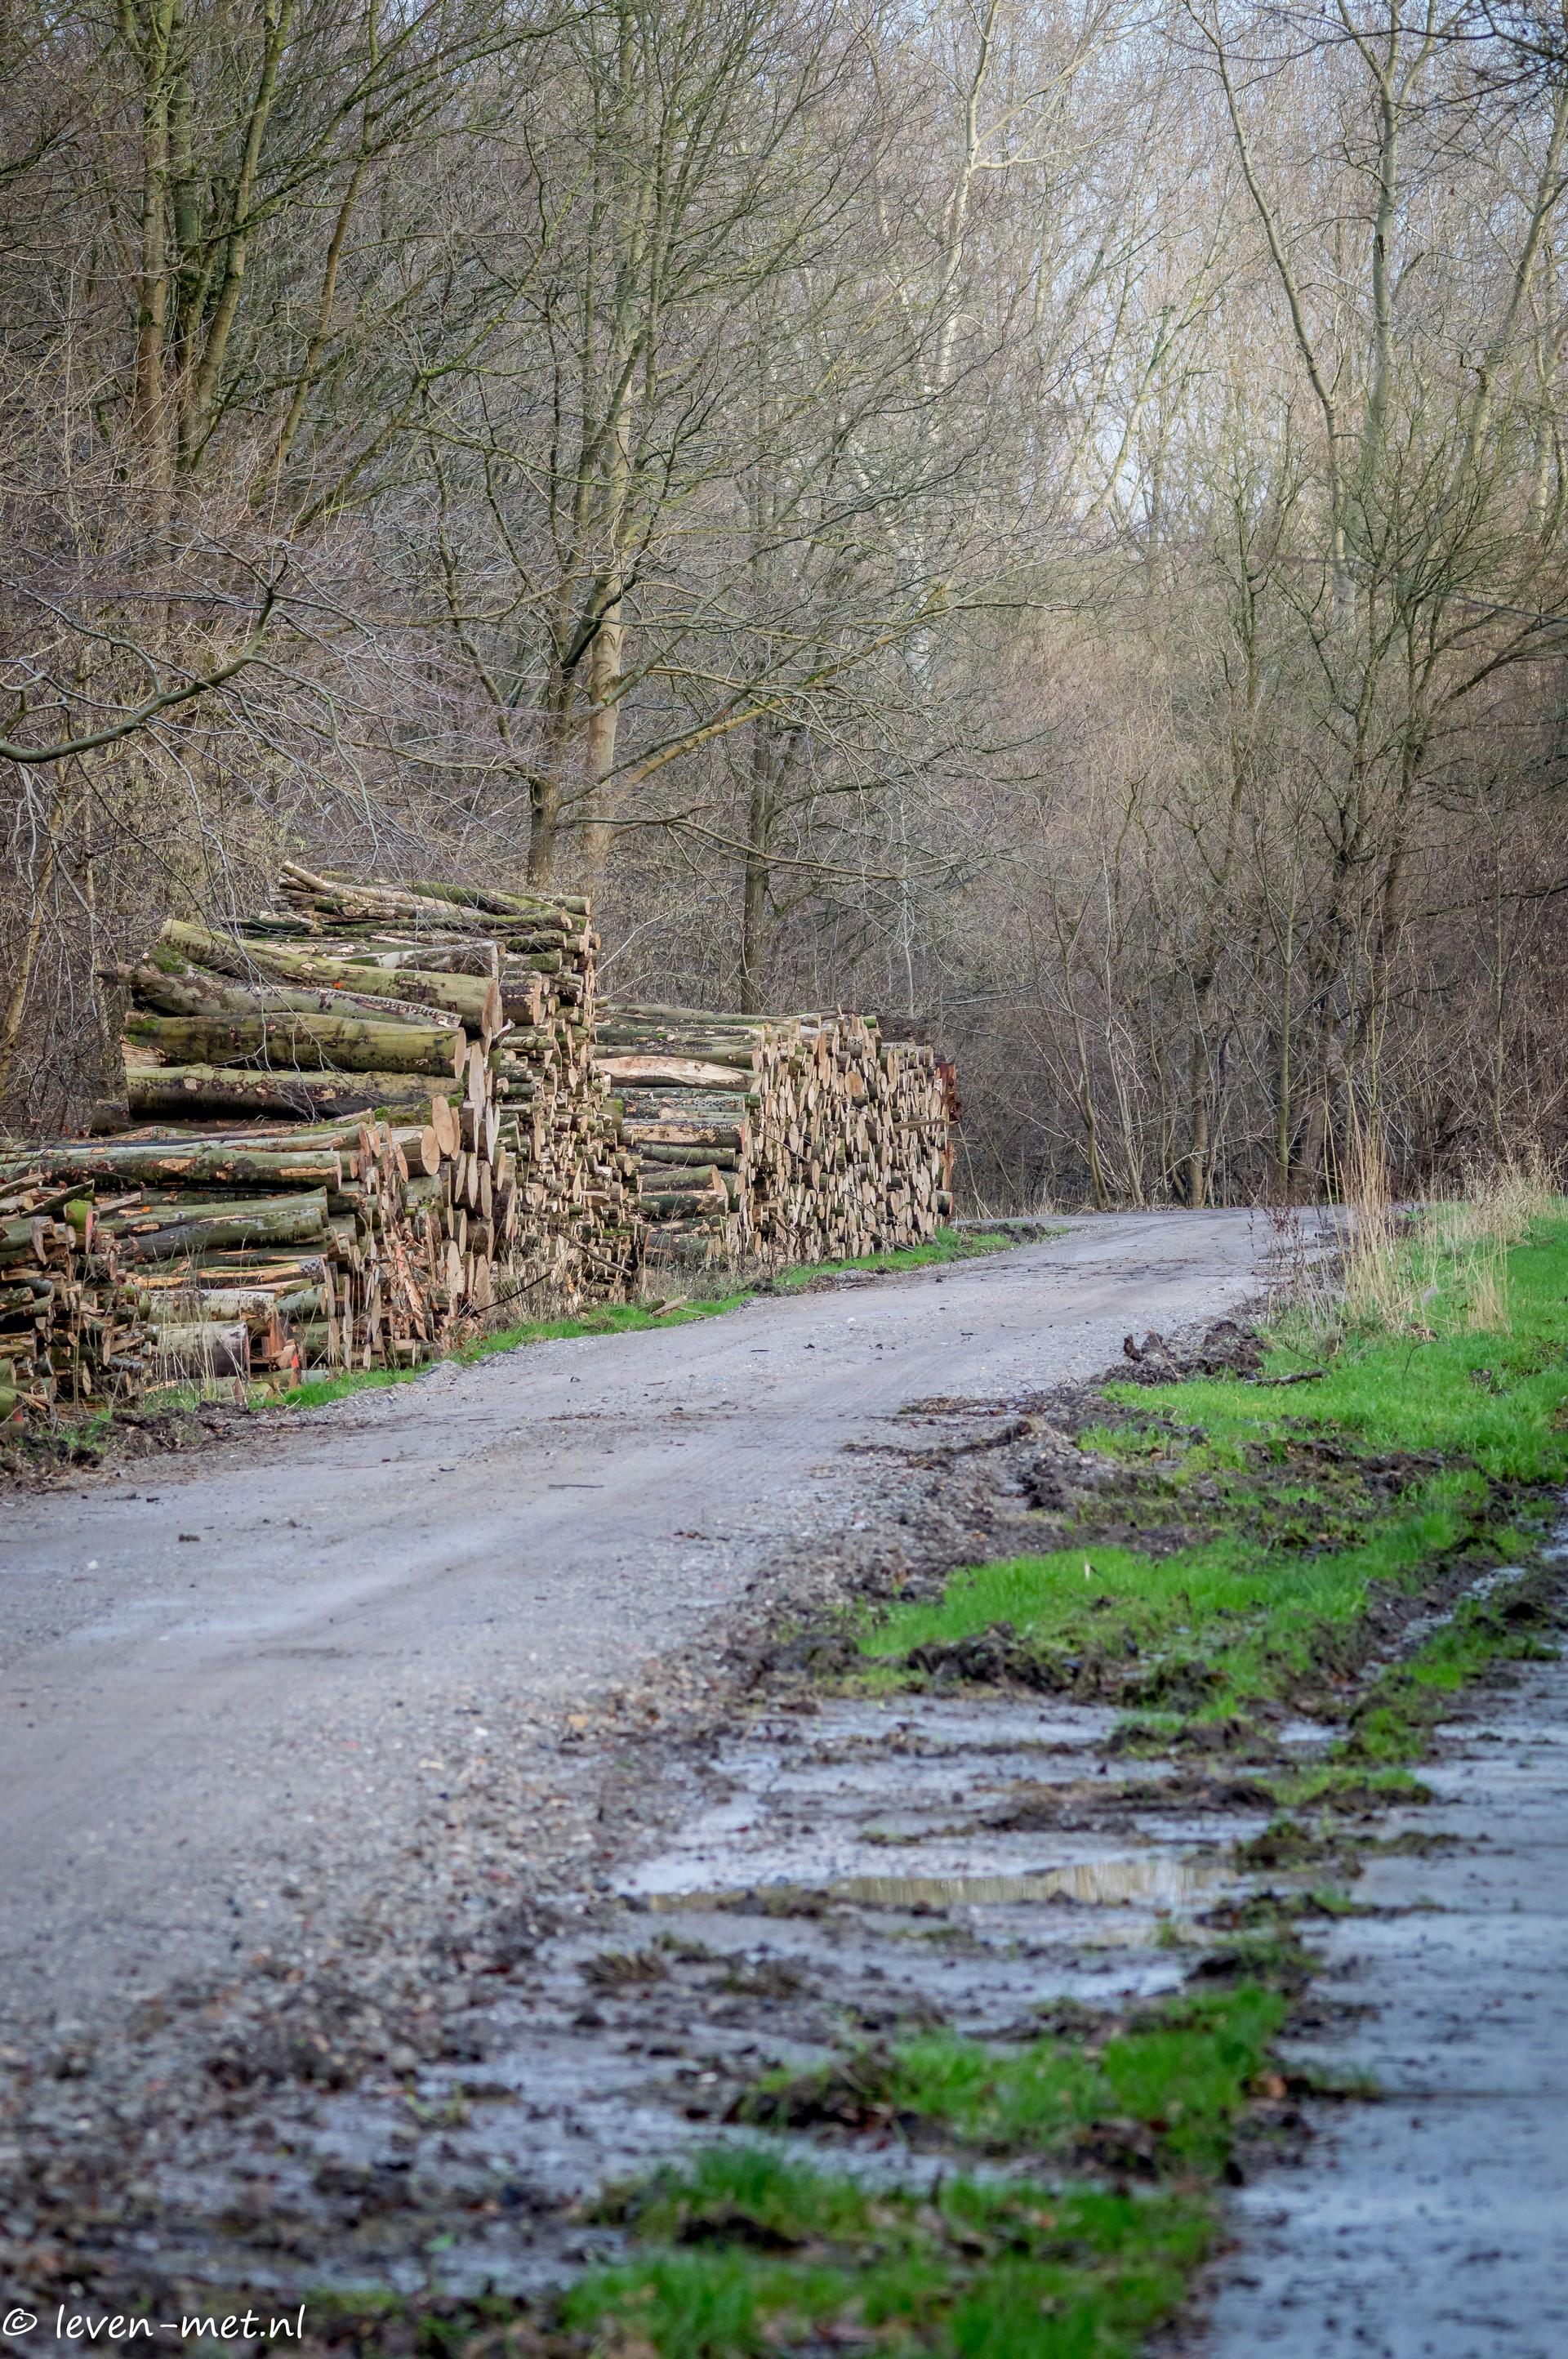 Hollandse hout oostvaardersveld